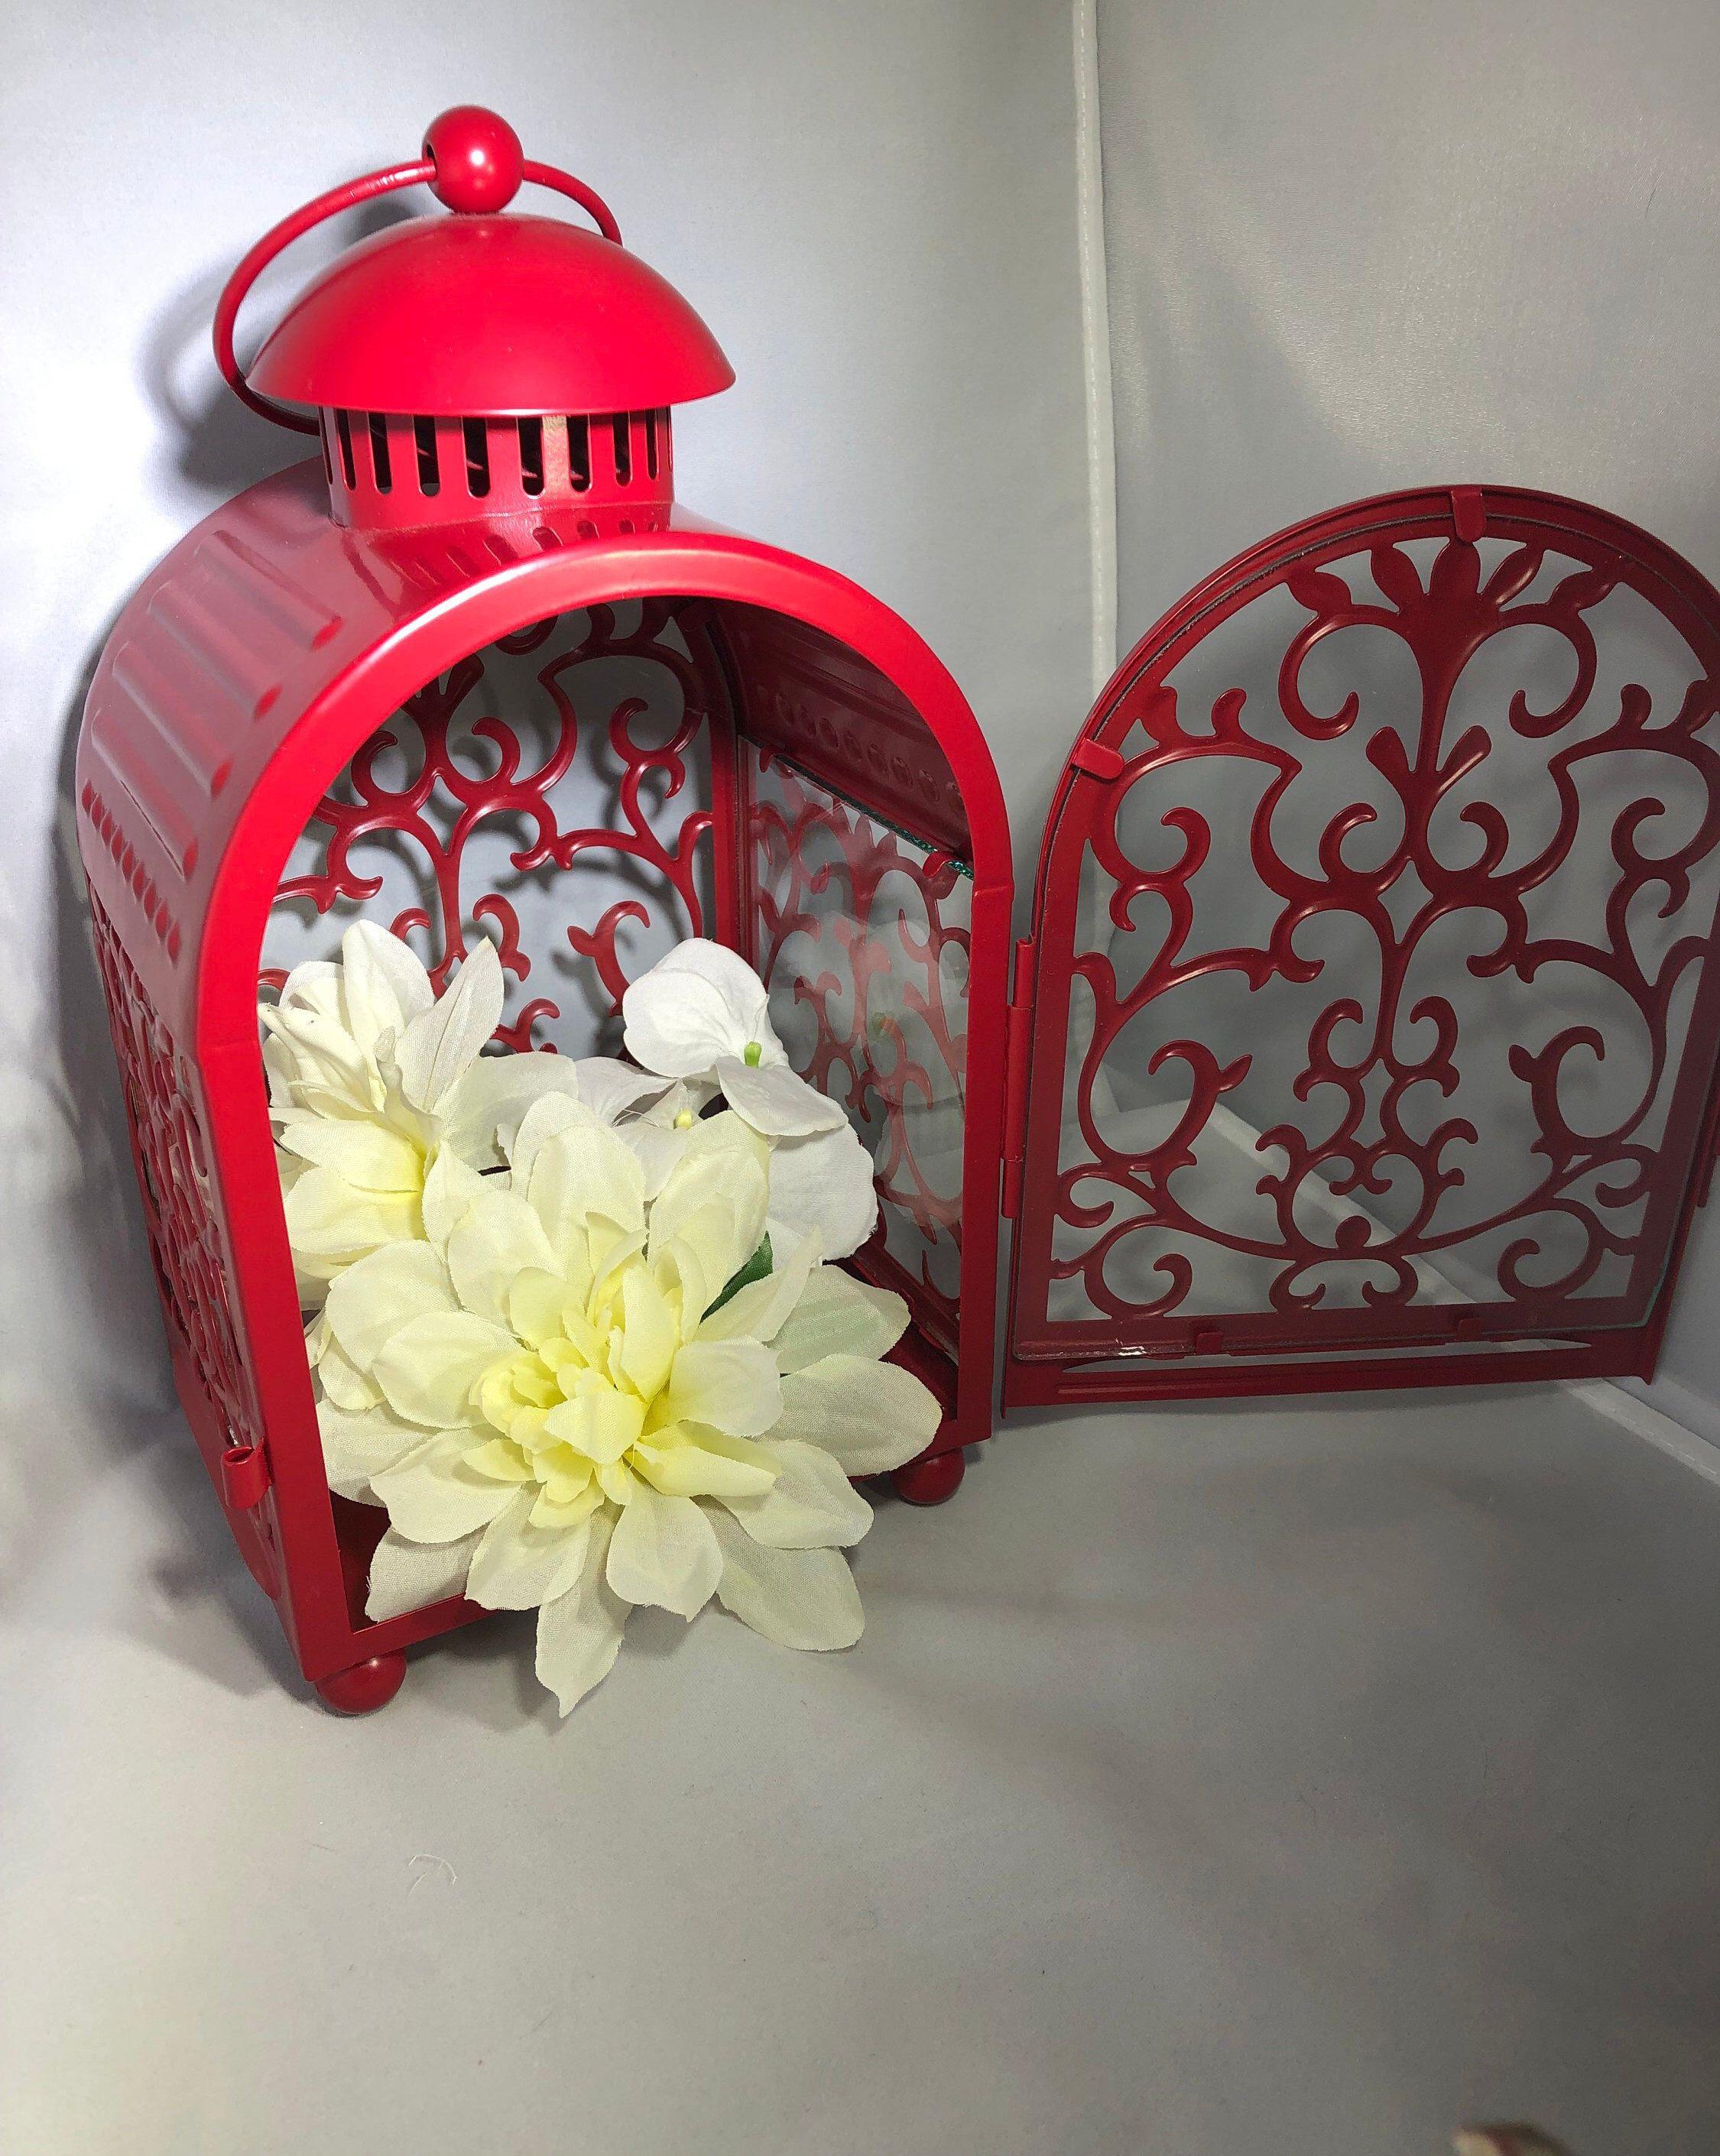 Vintage Red Lantern With Asian Motif